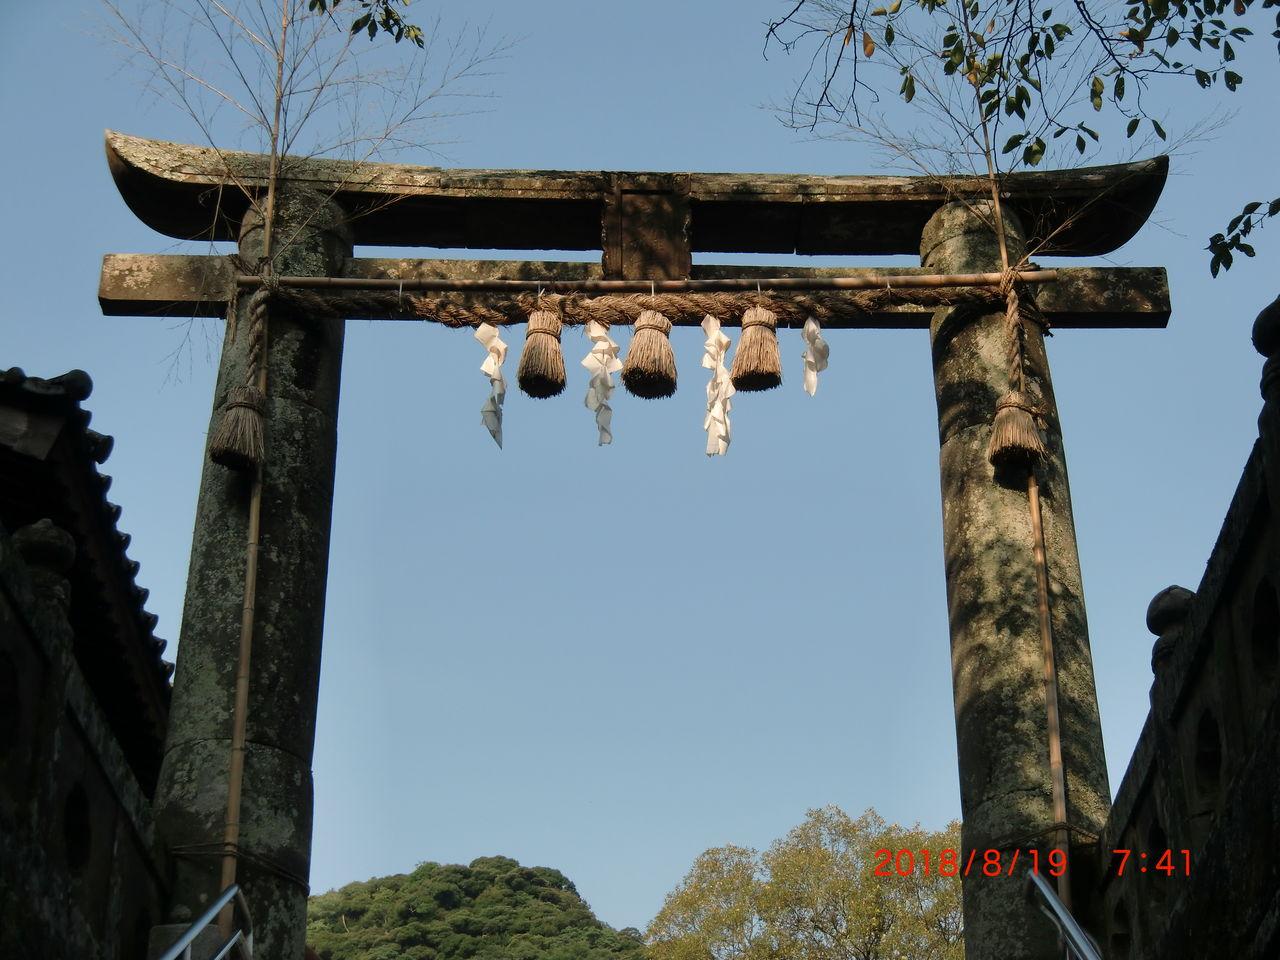 4d71e9da91 この鳥居は今でも佐賀市内を中心に残っているが、鍋島が代を重ねるうち、次第に普通の形をした鳥居にとってかわられる。その理由は今でもわかっていない。